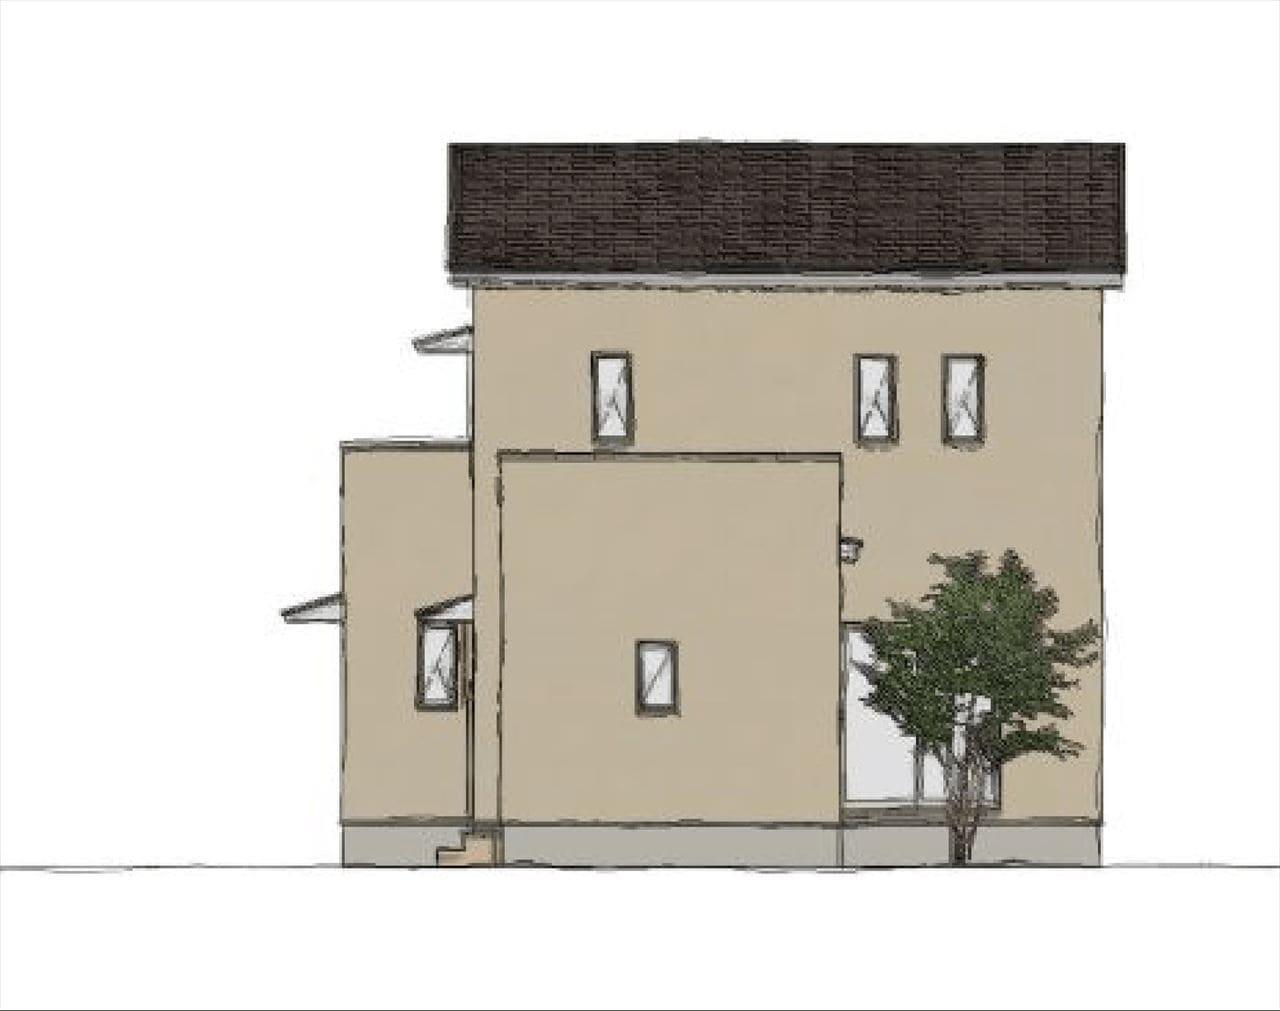 2階建外観イメージ